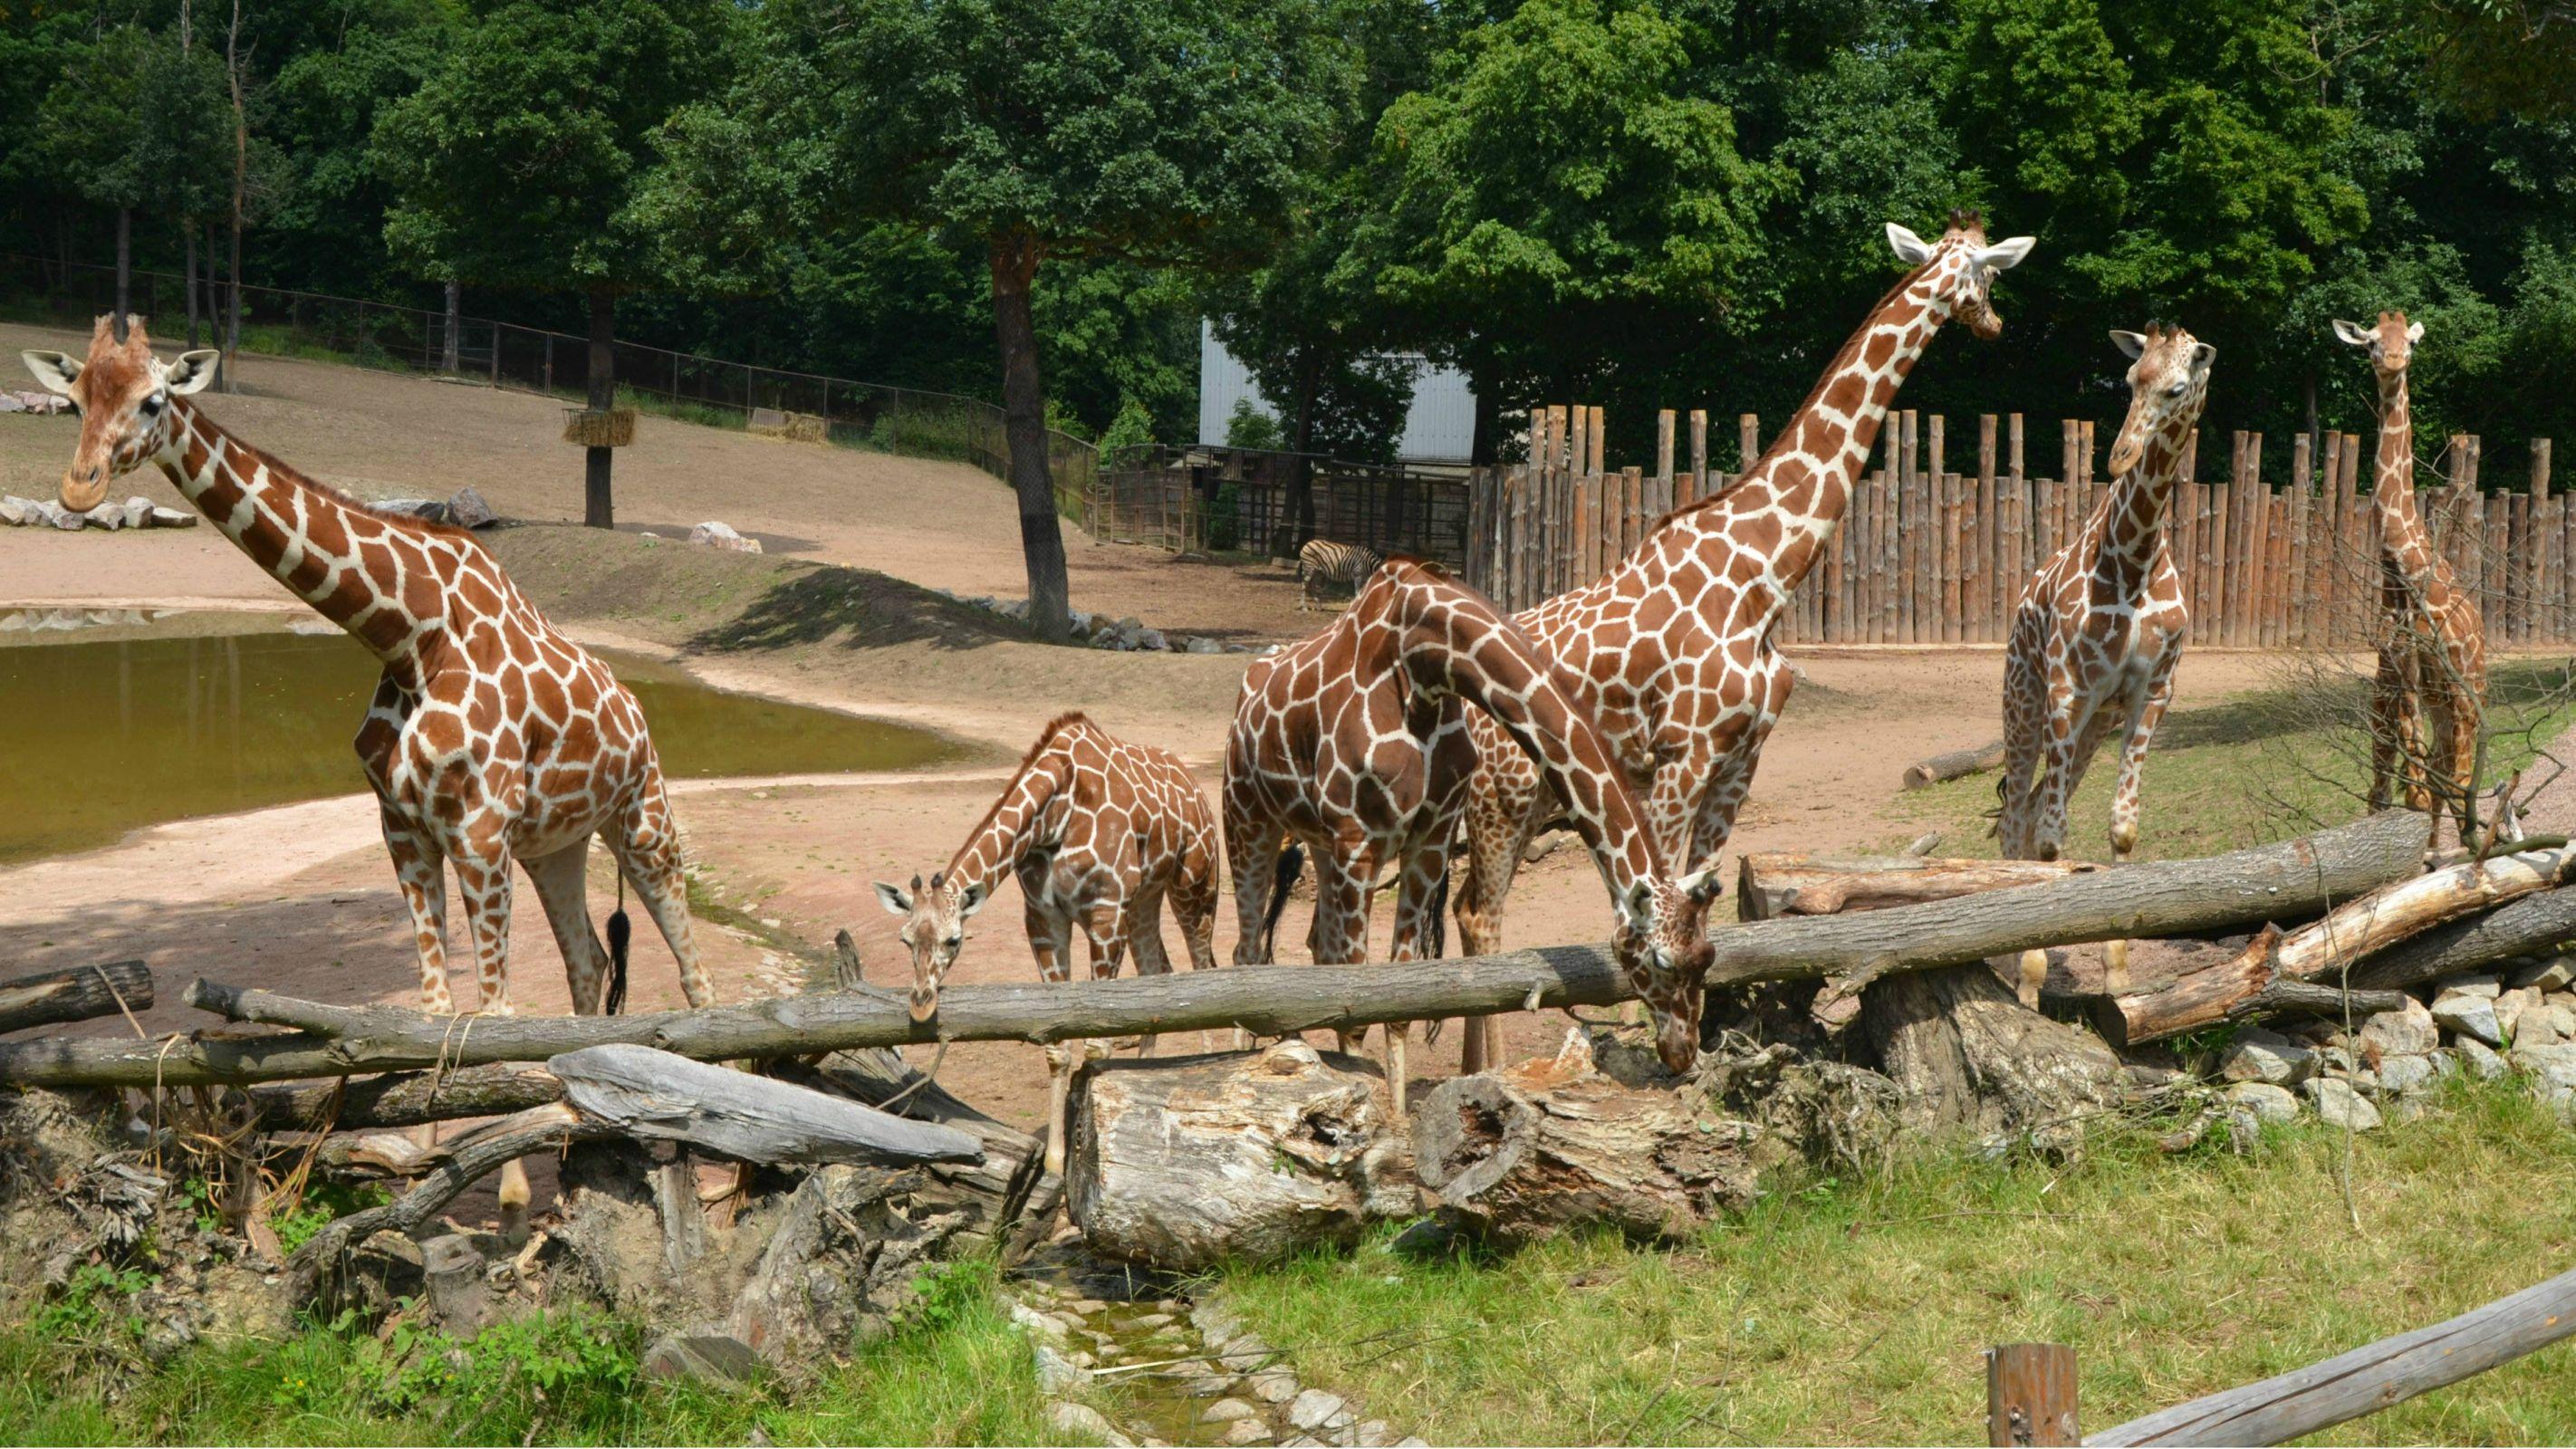 The Brno Zoo in Brno